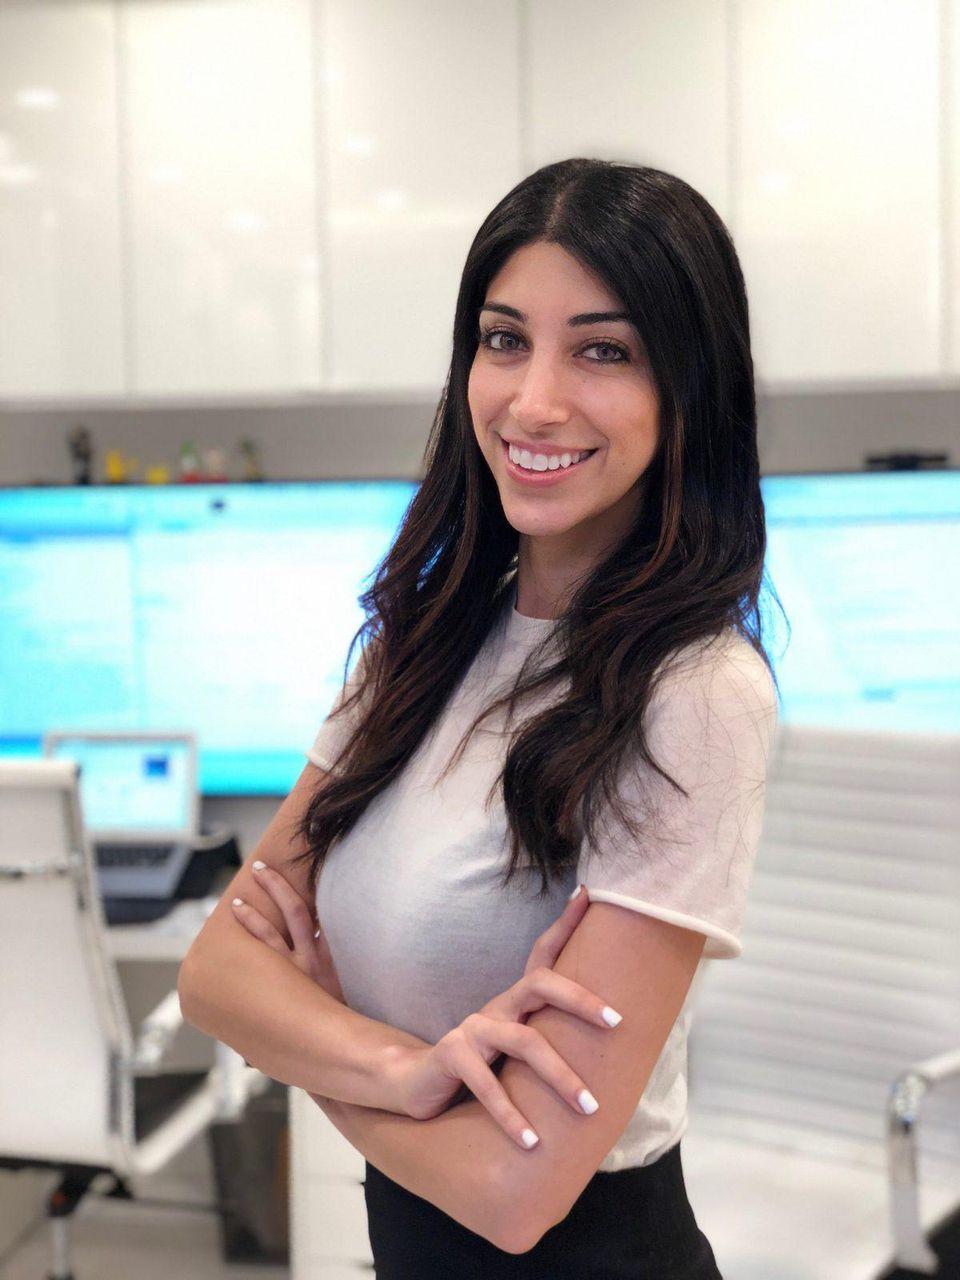 Paria Rajai, CEO & Founder, ModelExpand.com